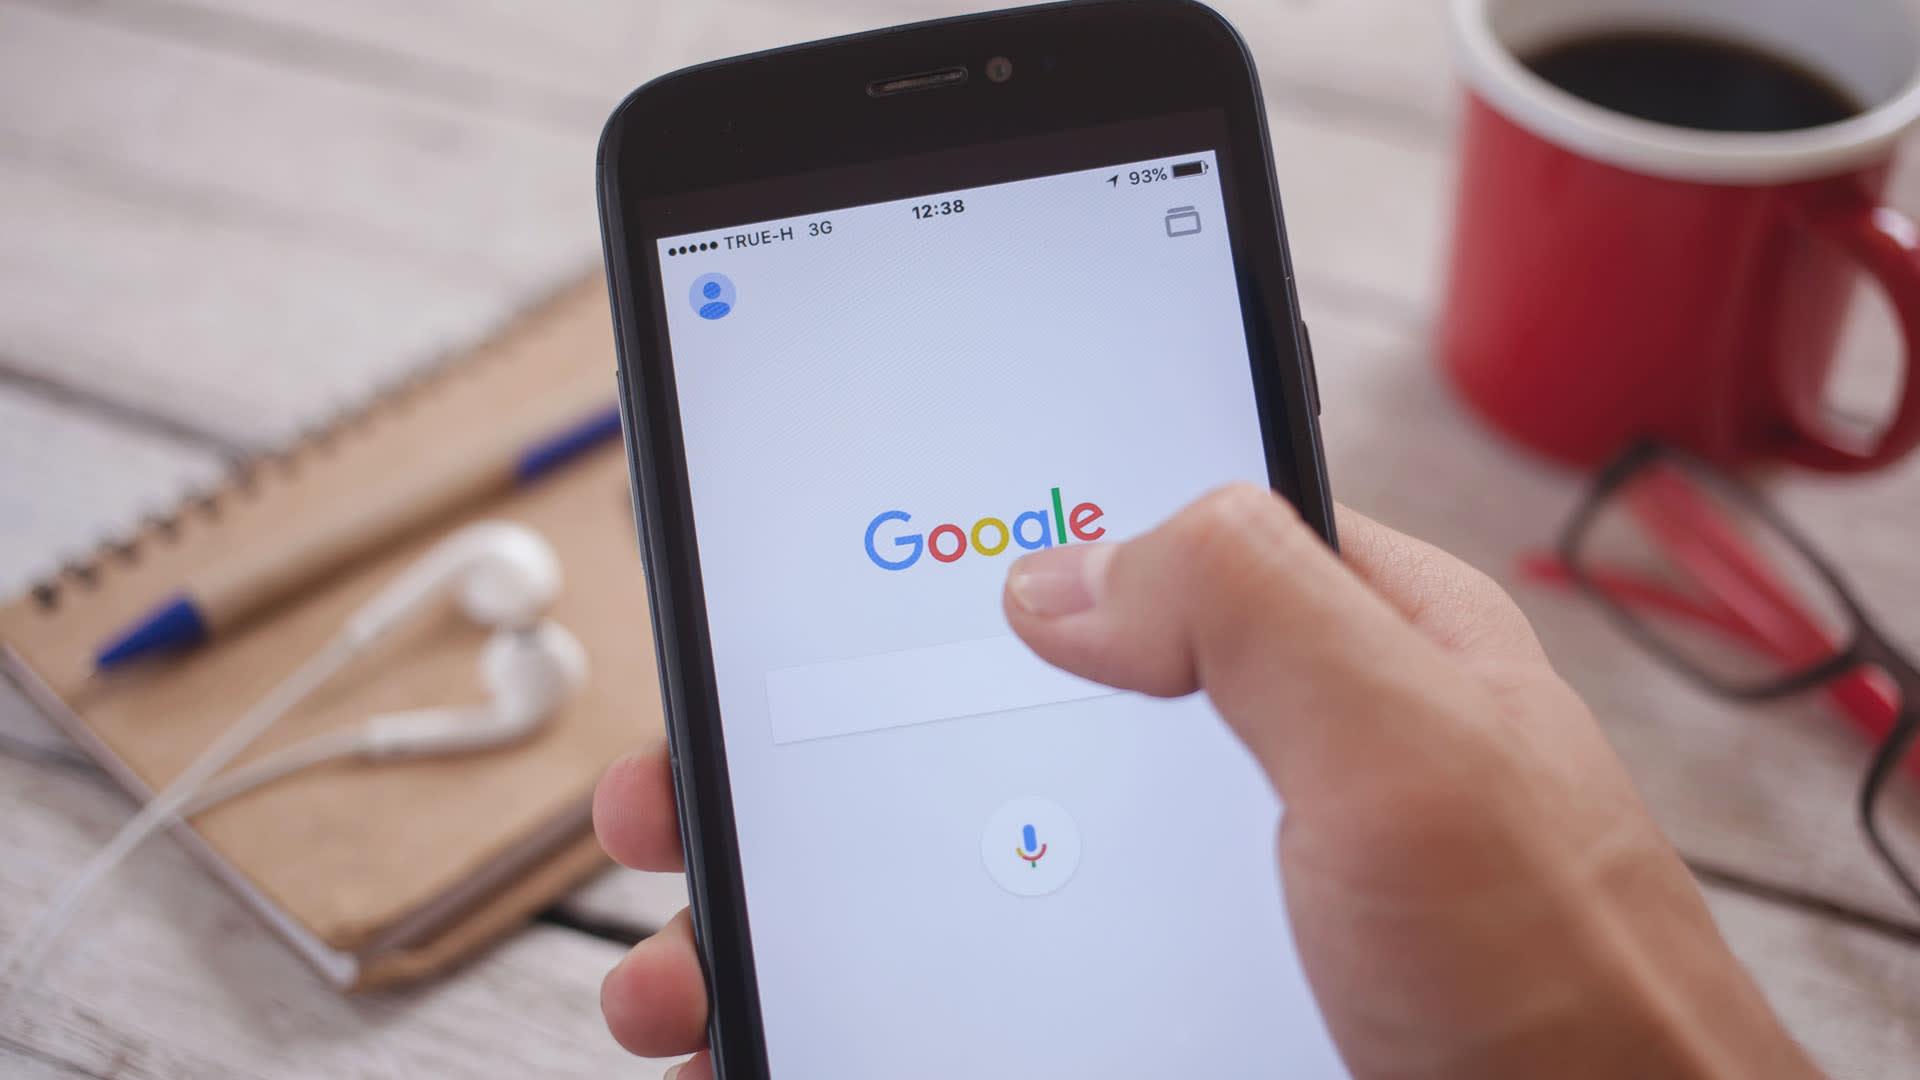 Na imagem, vemos uma mão segurando um celular  com a tela inicial do Google